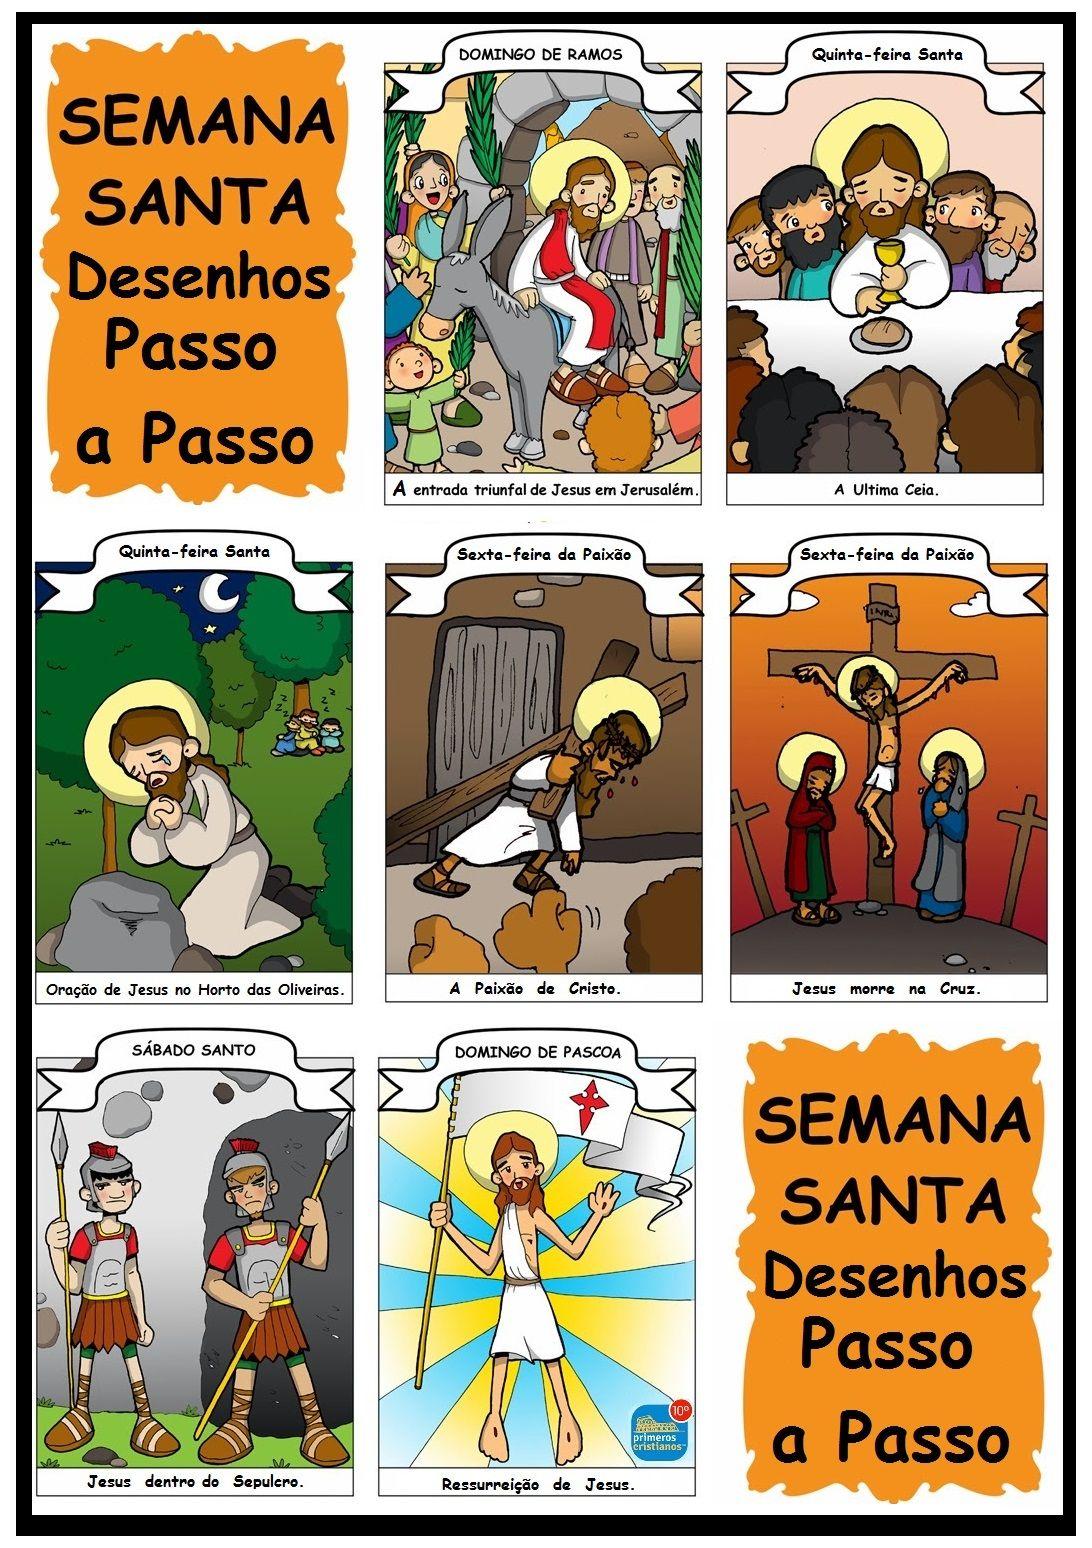 Semana Santa passo a passo em gravuras